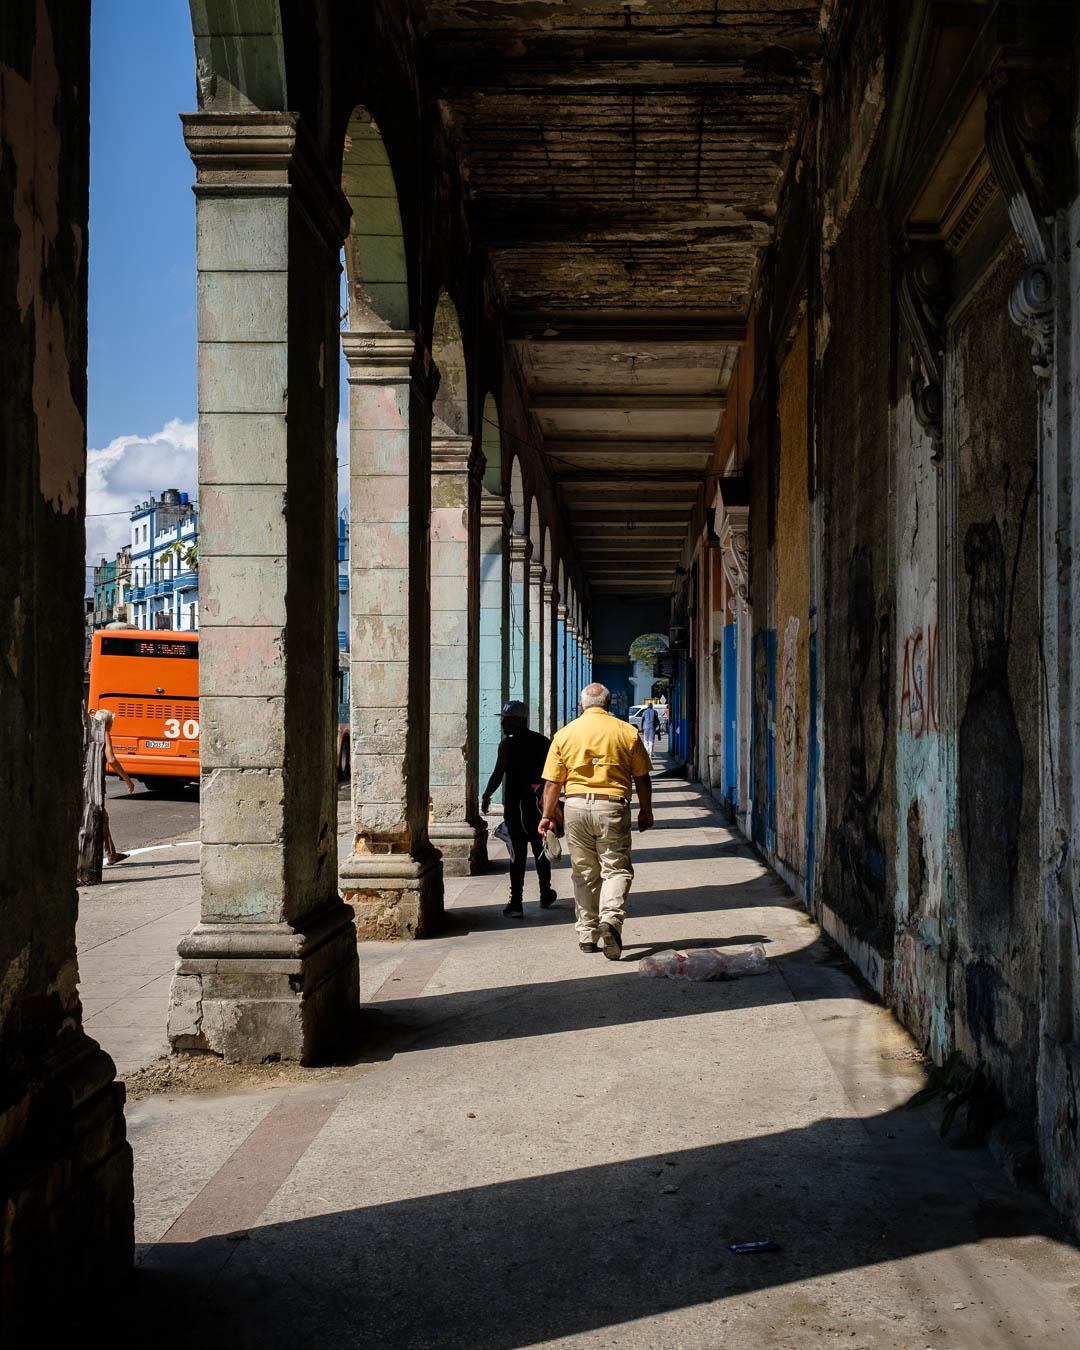 180430-Havana-101-1080.jpg